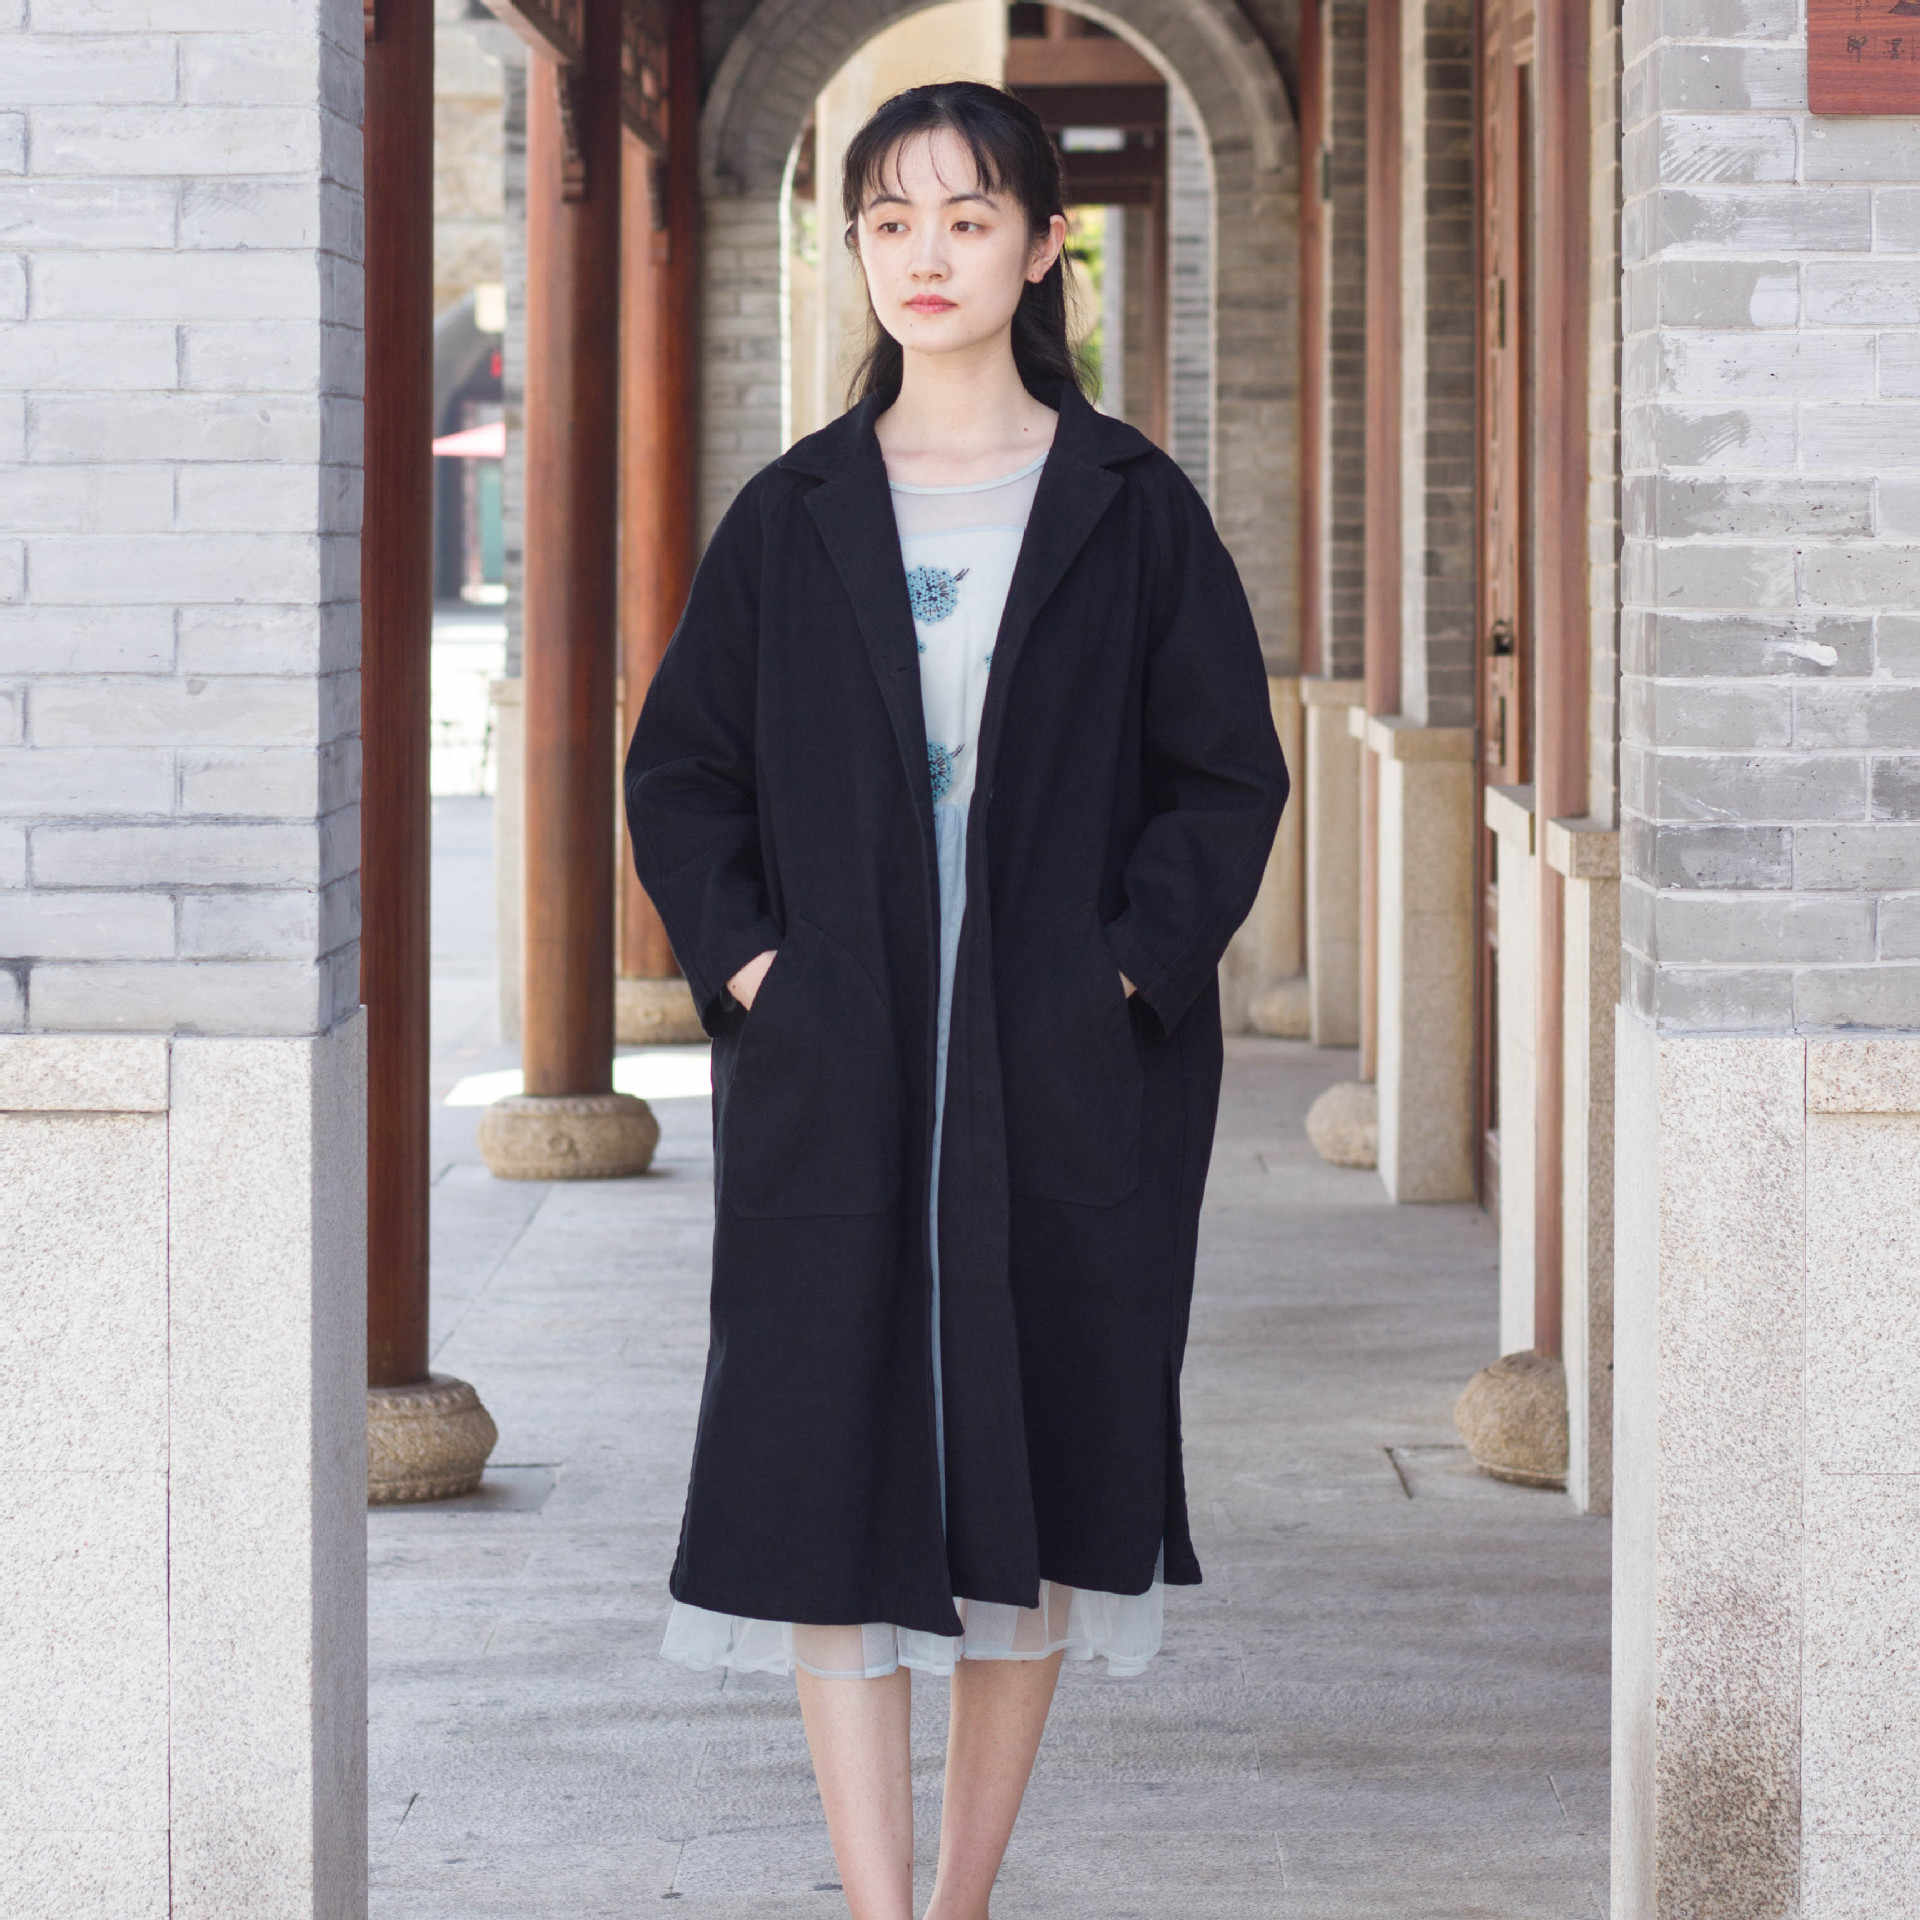 Nouveau Style Trench Coat Femmes Mi Long 2019 Automne Couleur Unie Col Rabattu Manteau Mode Grande Taille Style Coréen Coupe Ample